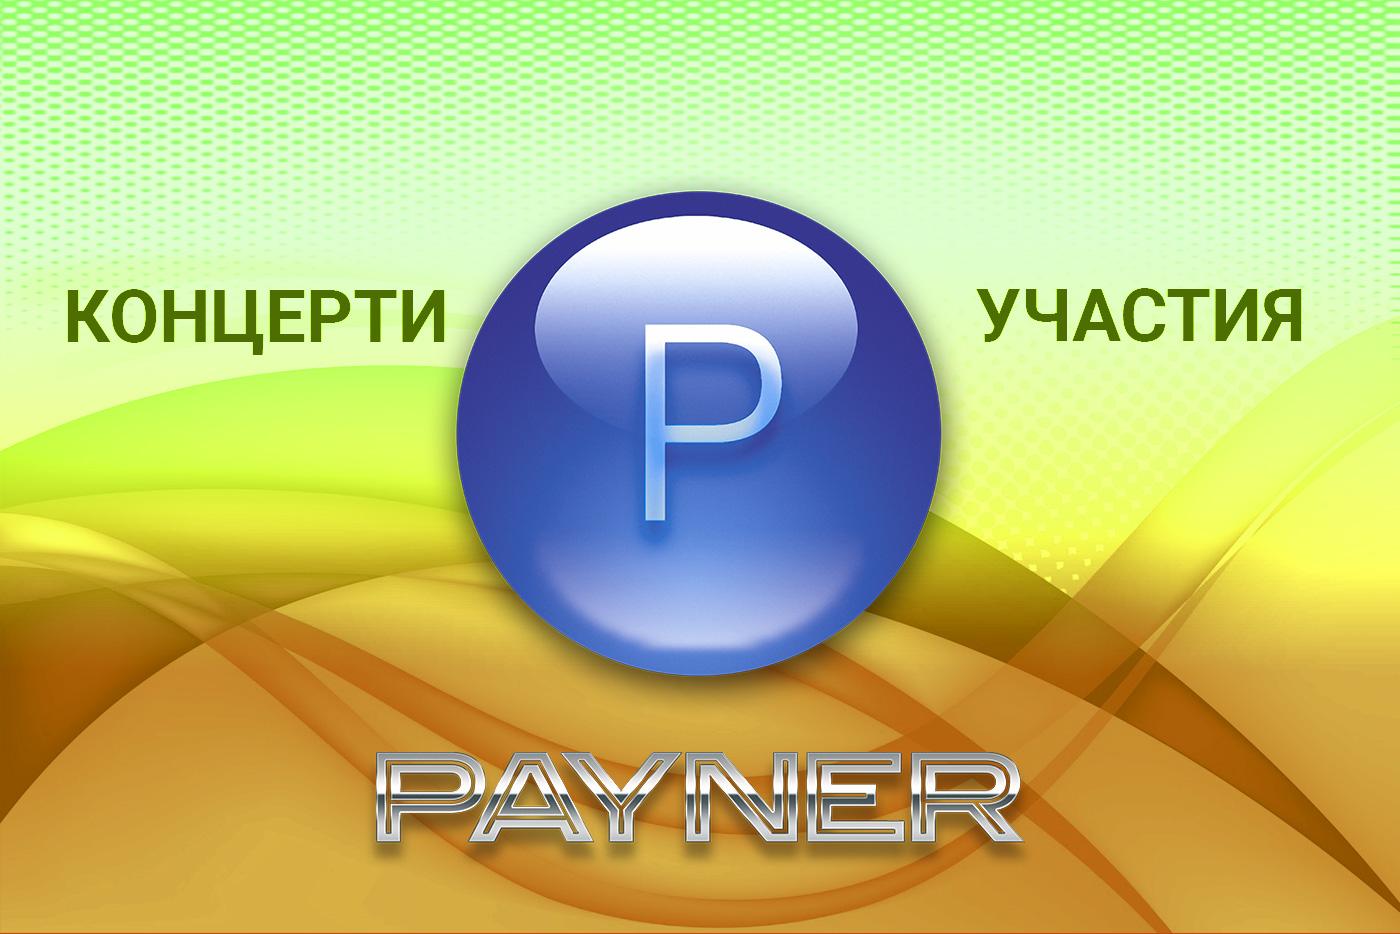 """Участия на звездите на """"Пайнер"""" на 14.07.2019"""